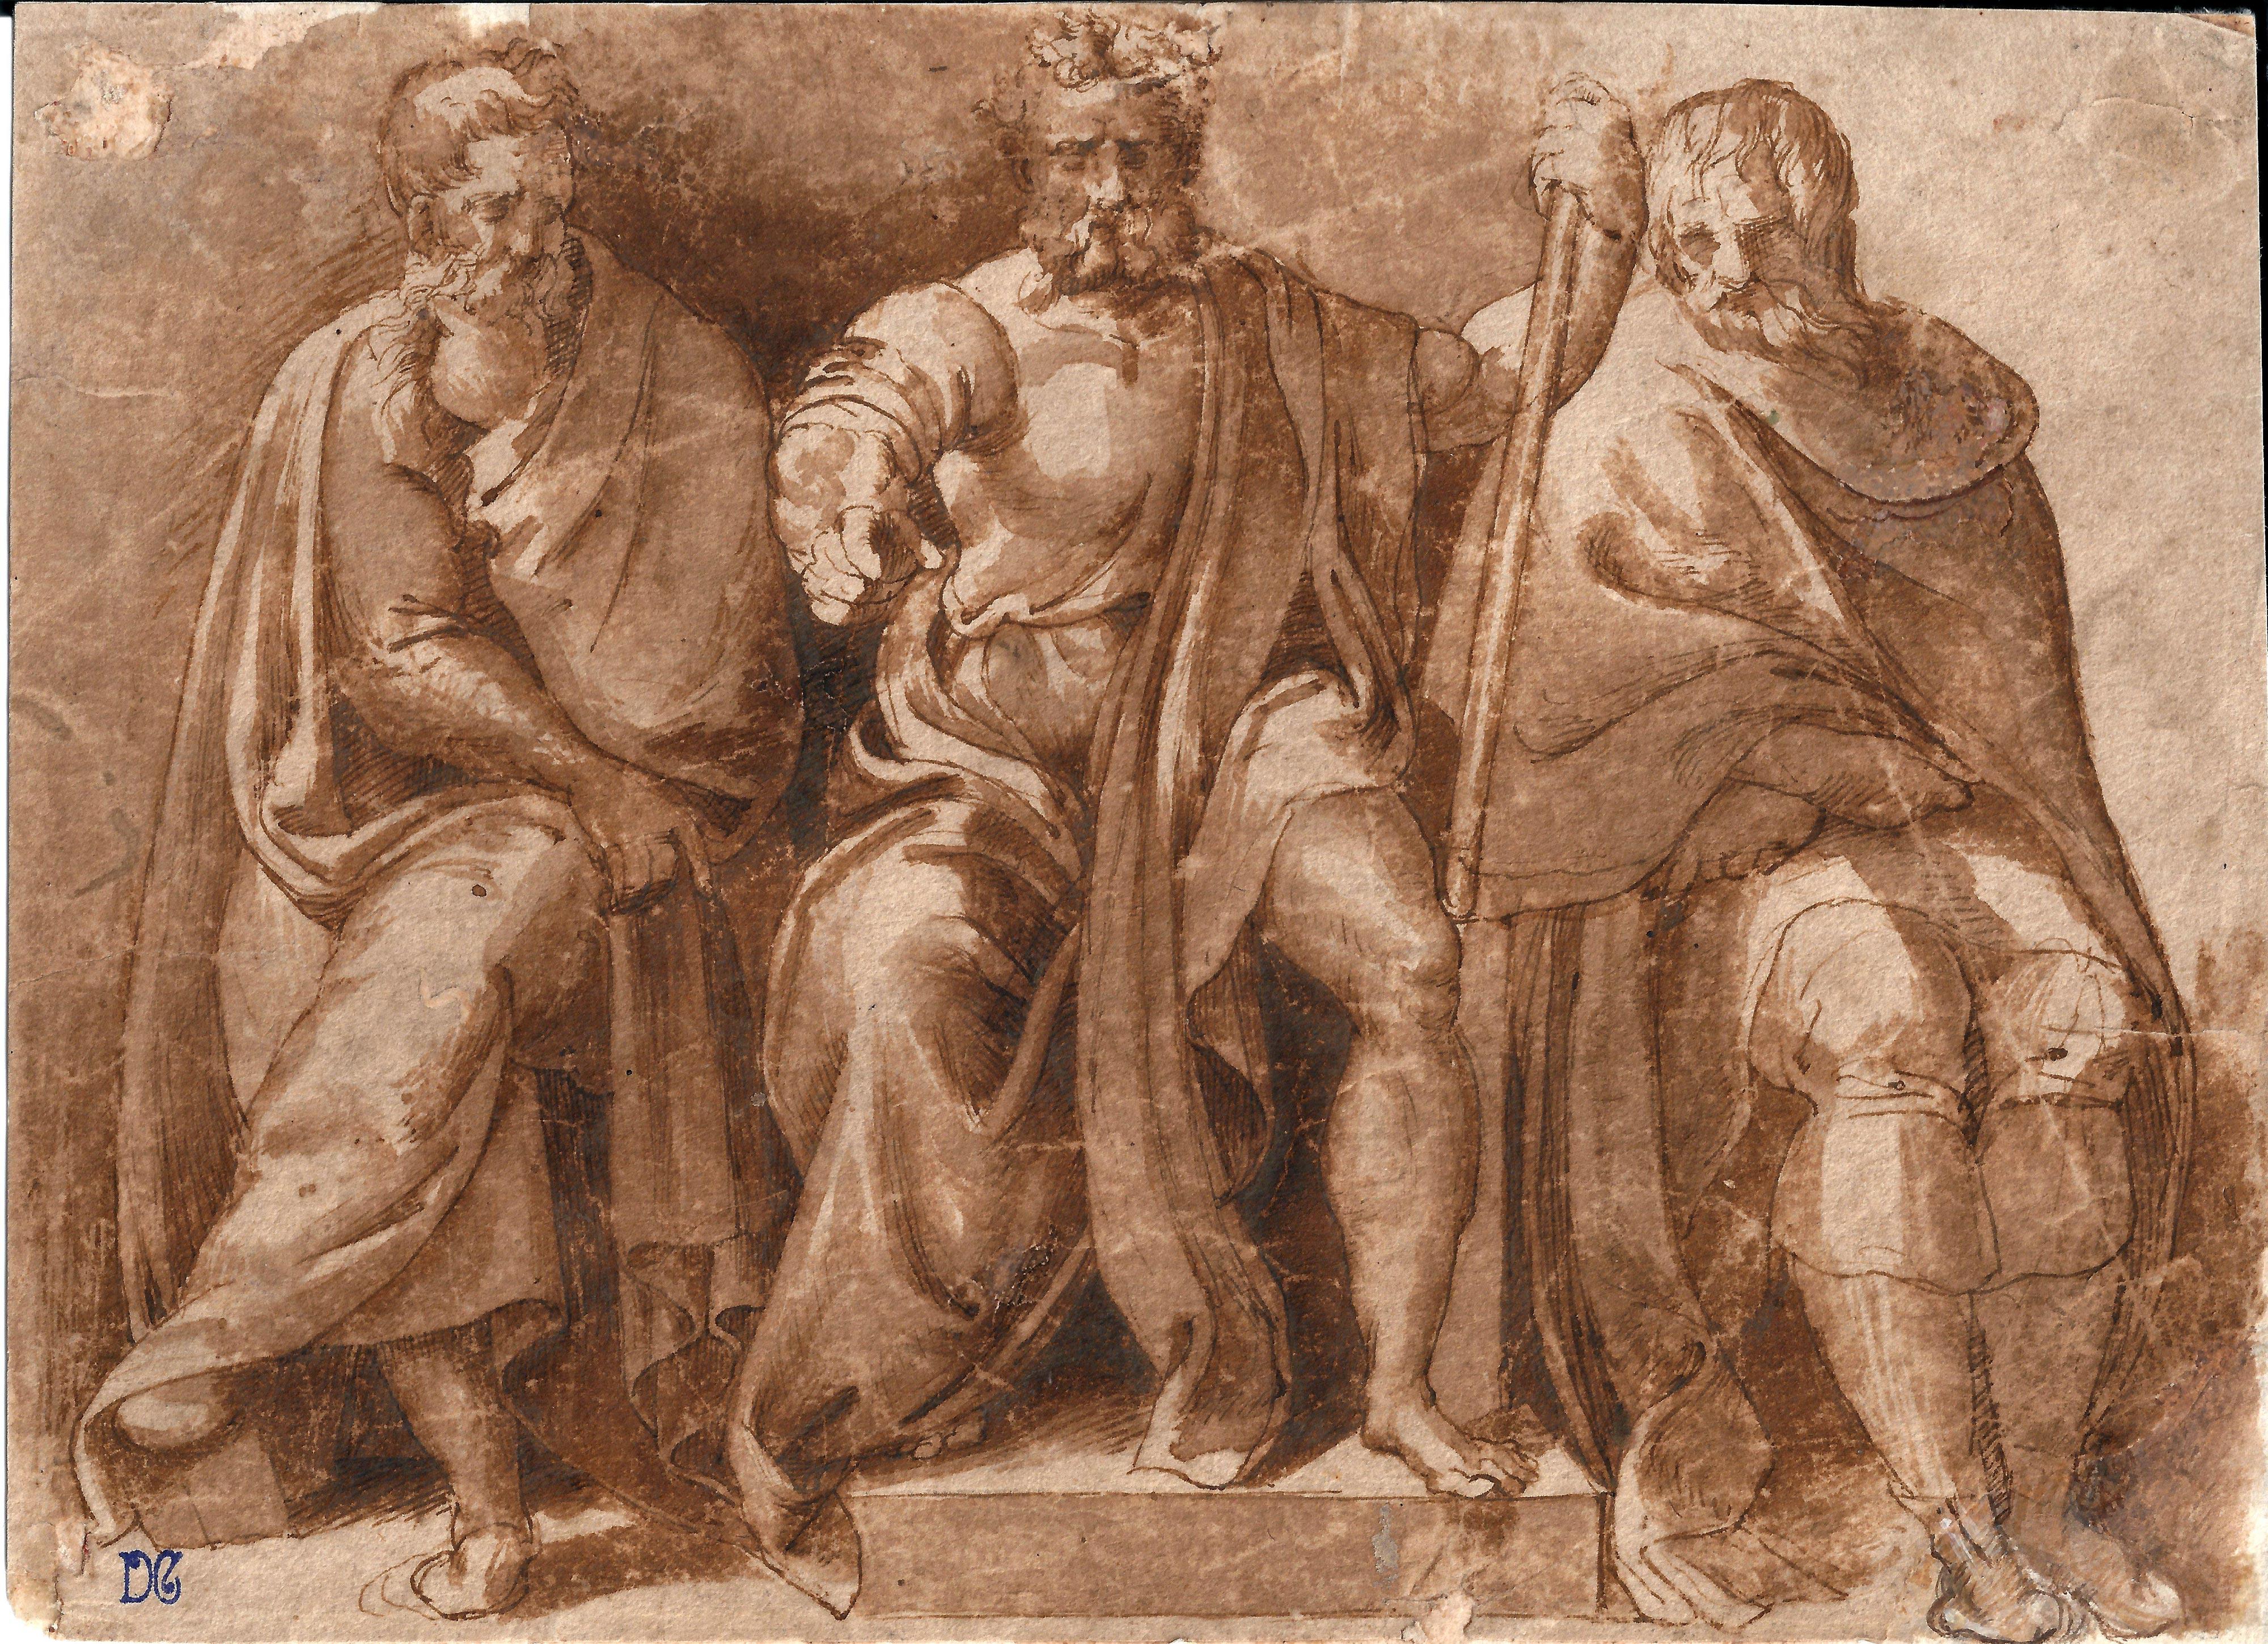 Baccio Bandinelli (Atribuido) - Tres sabios de la antigüedad. Dibujo de la Escuela Italiana del Siglo XVI.